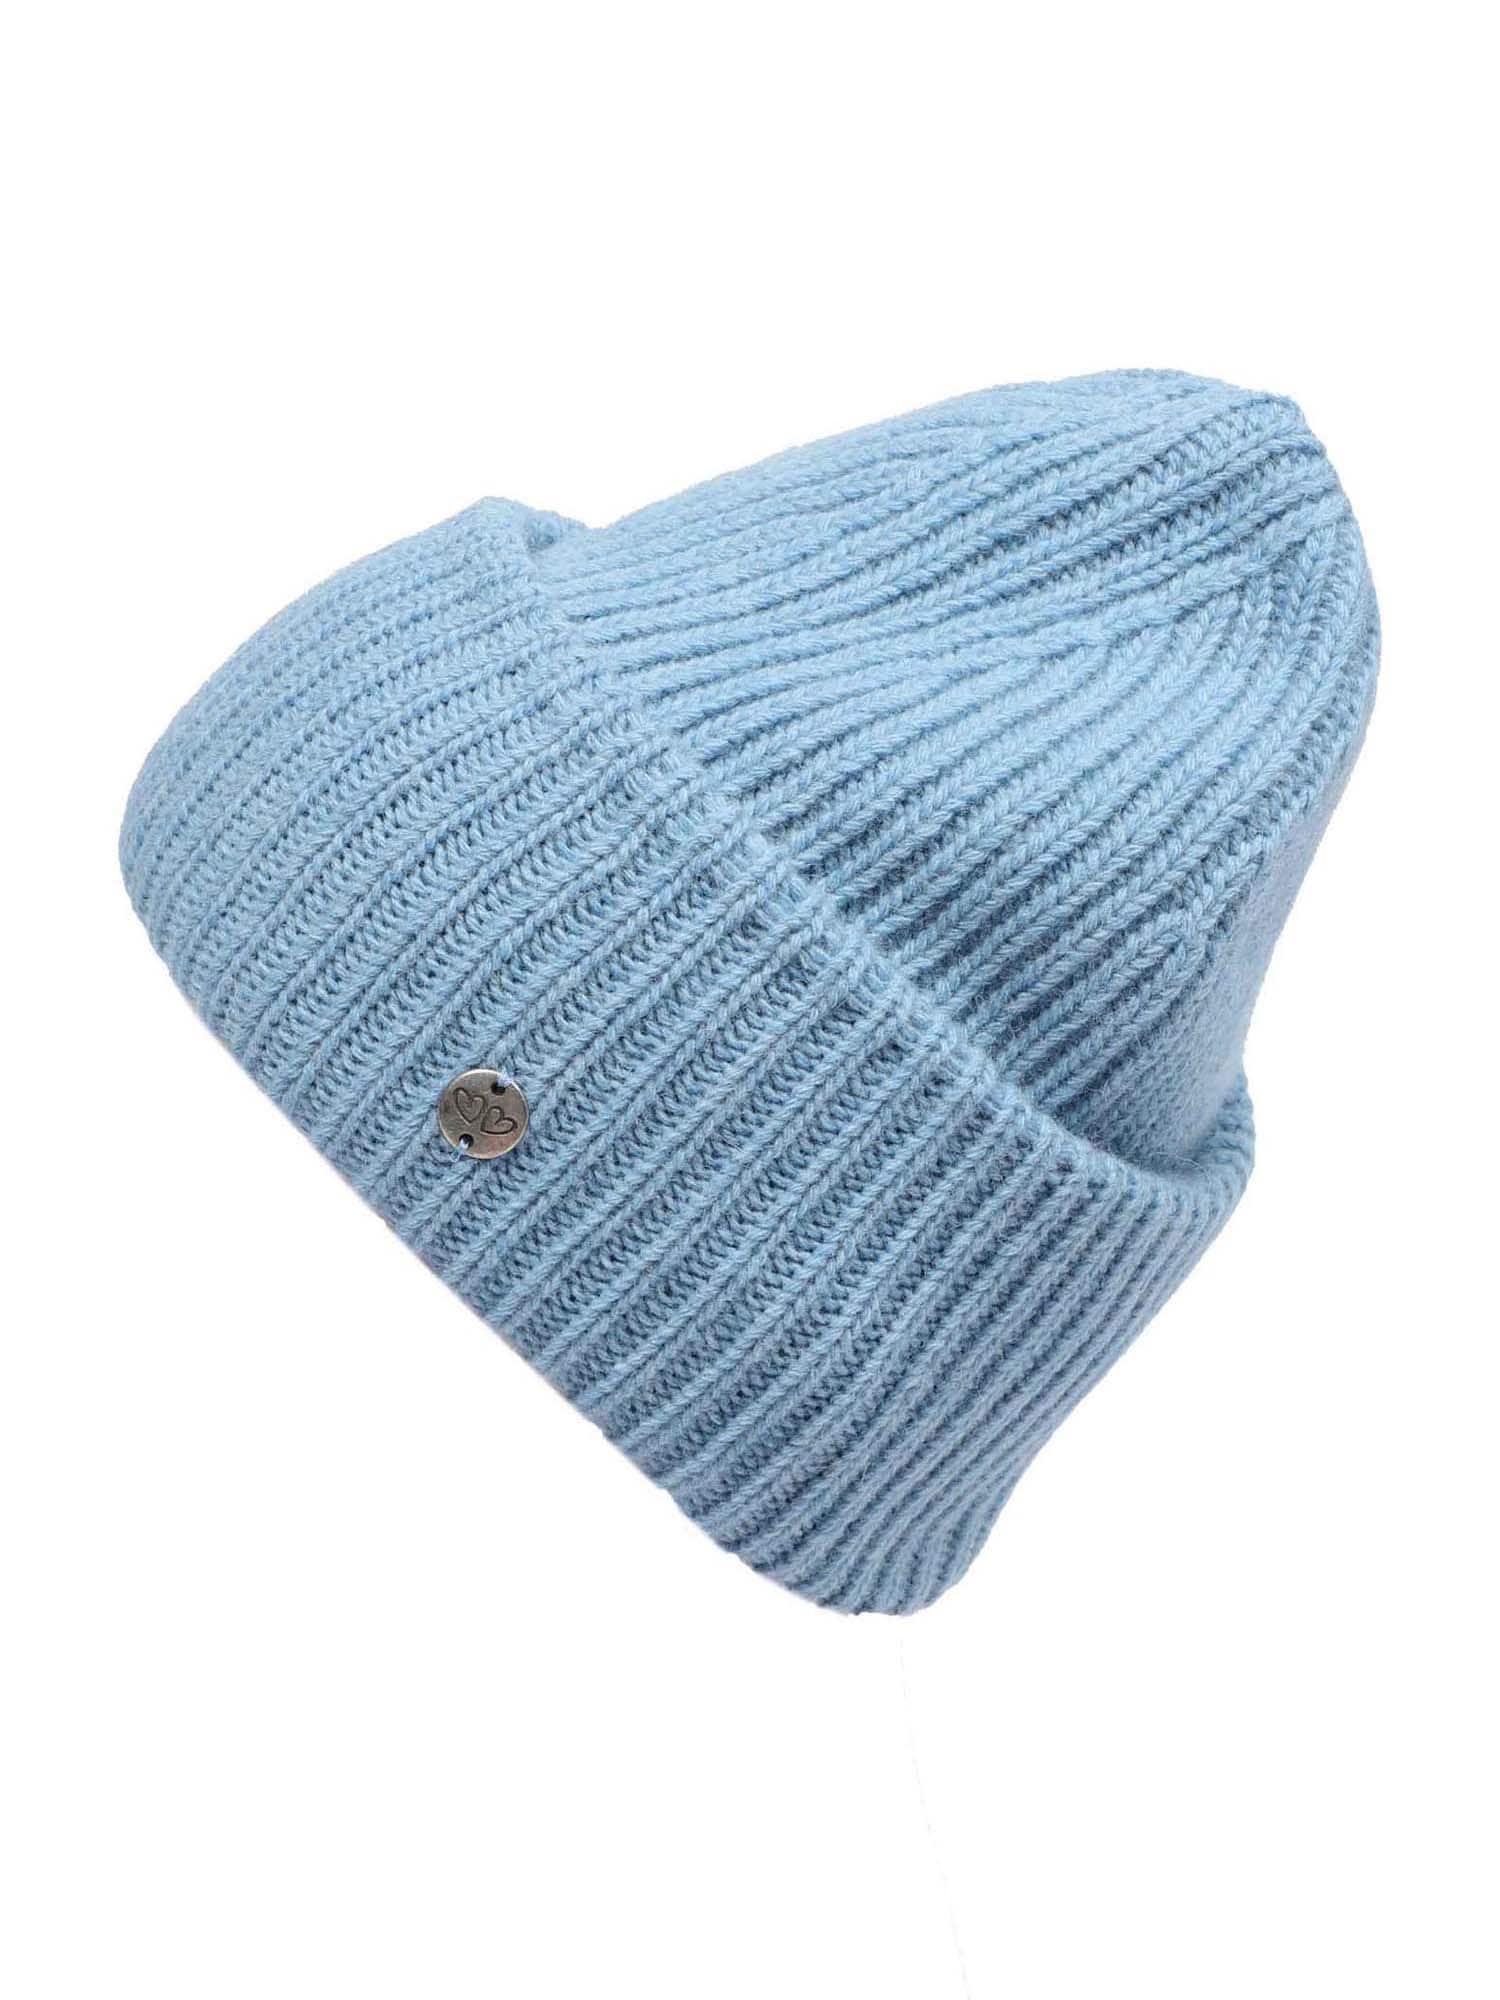 Zwillingsherz Megzta kepurė šviesiai mėlyna